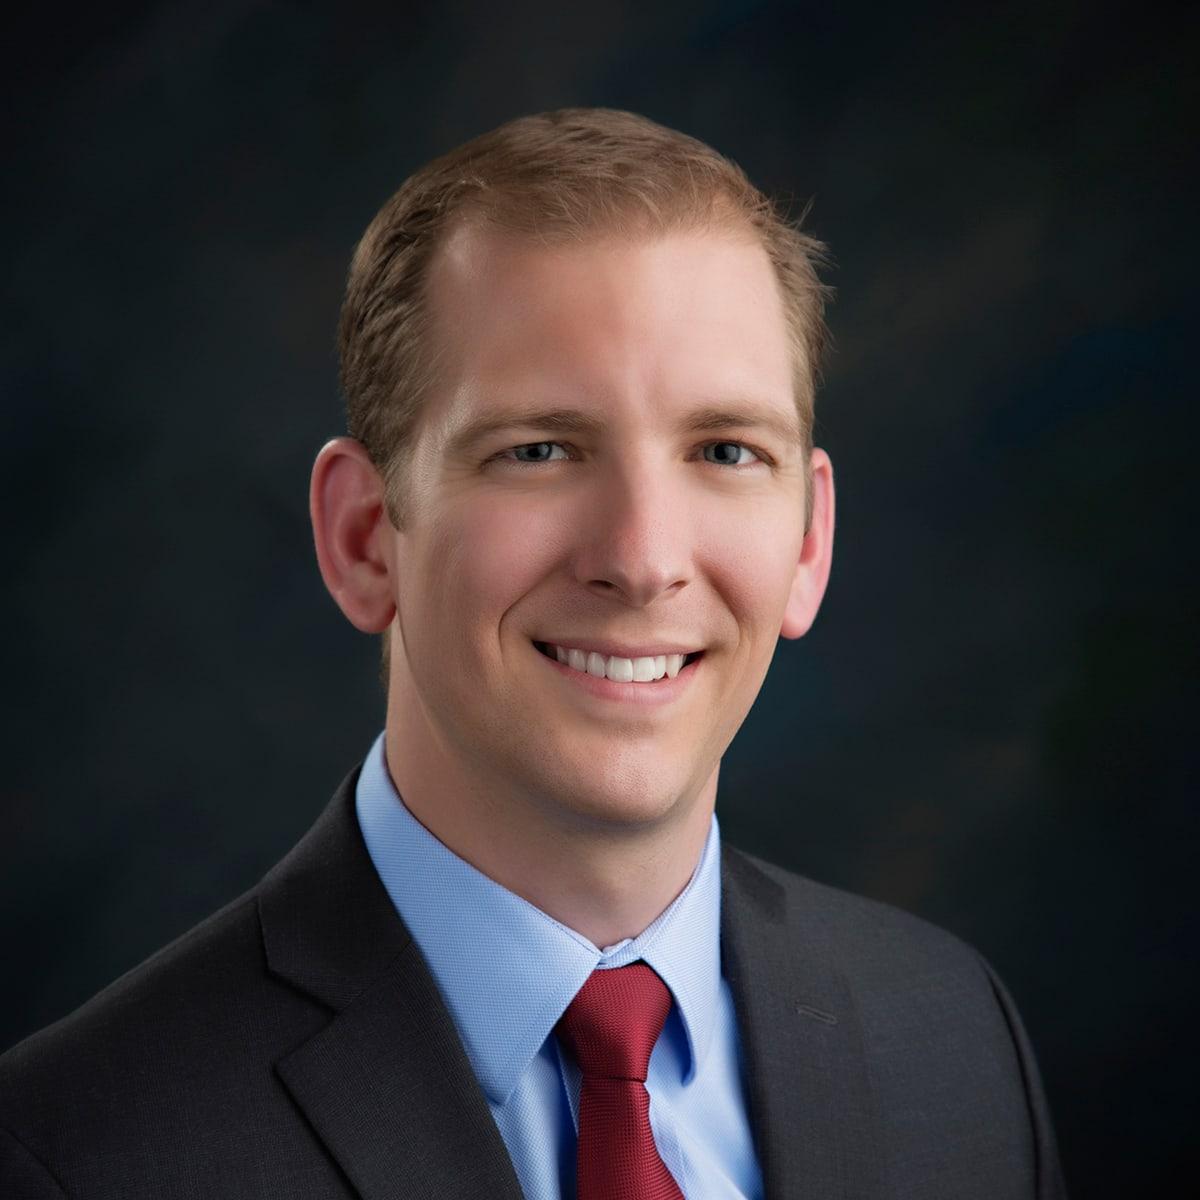 Dr. Ryan T Barrett MD